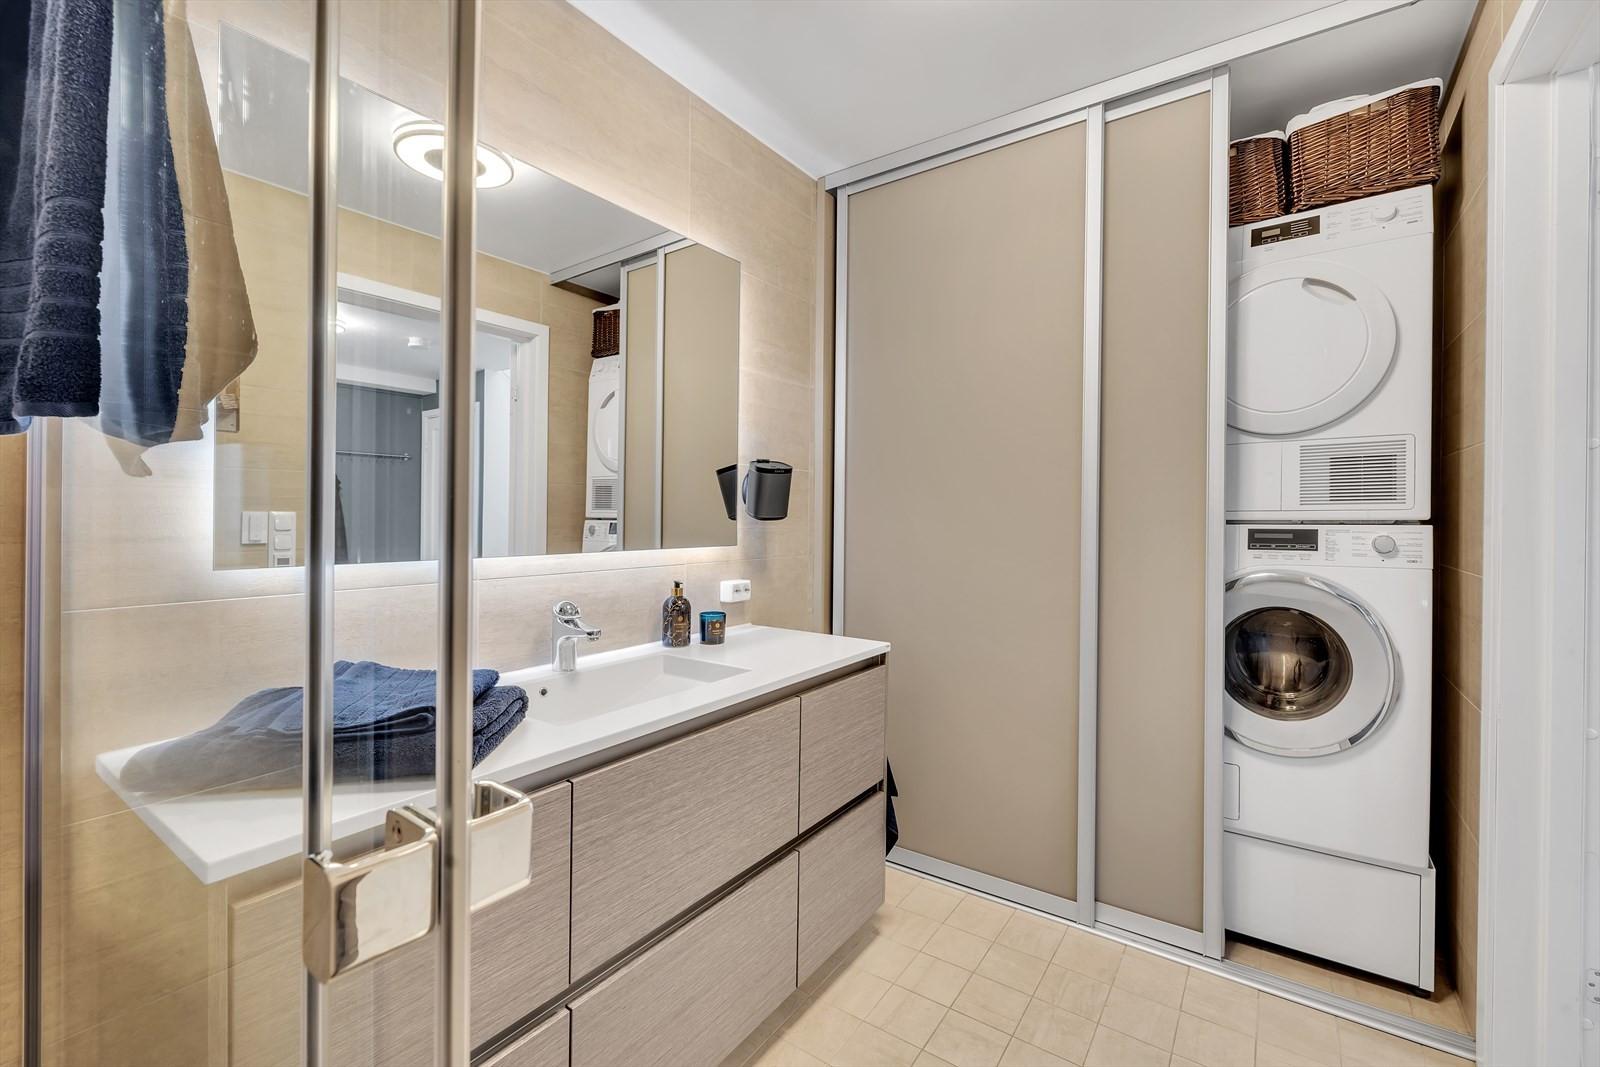 Skyvedørsgarderobe med vaske søyle - denne delen er klargjort for mulighet for badstue